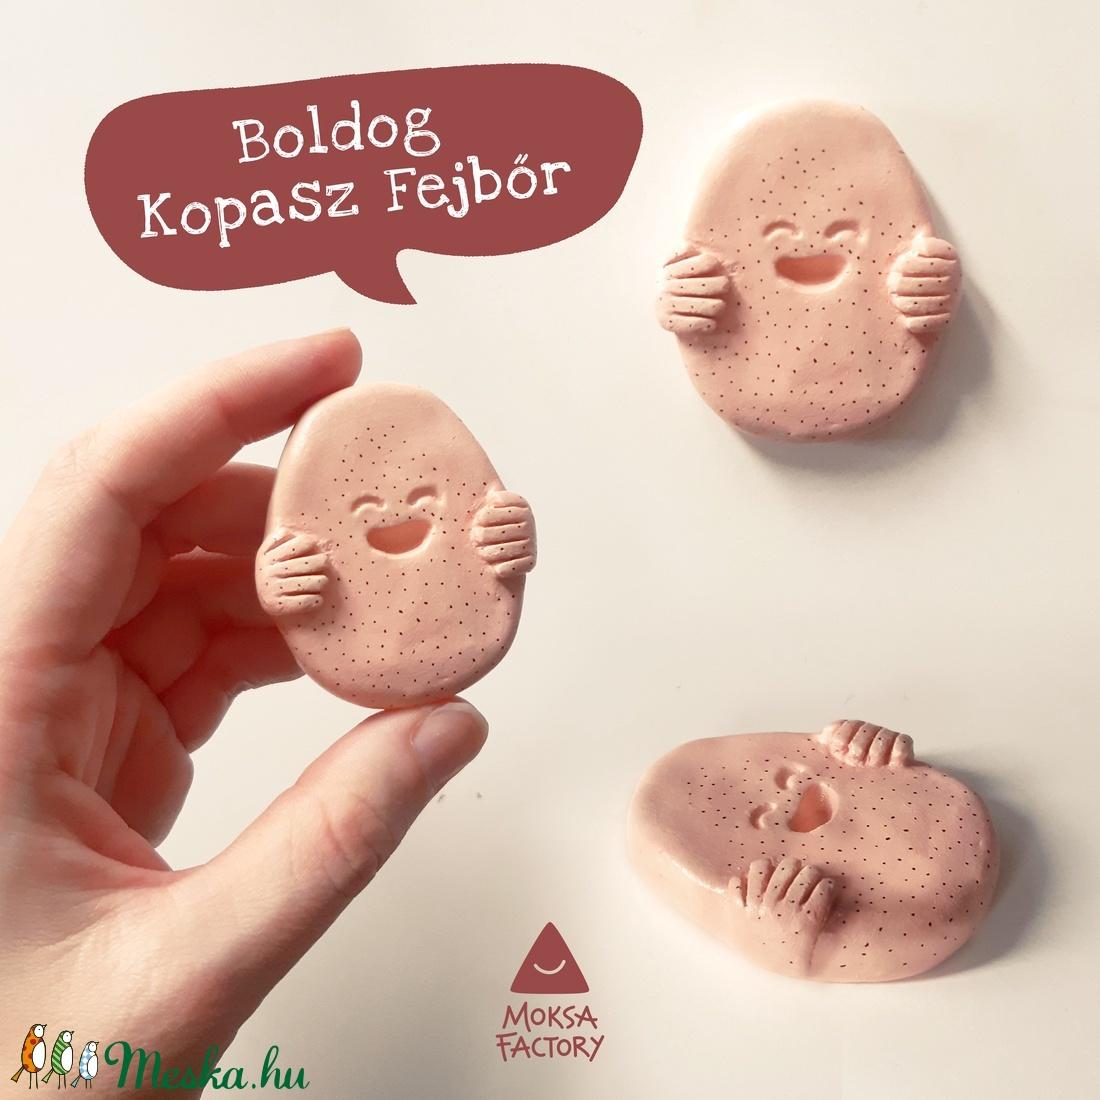 Boldog Kopasz Fejbőr - kerámia vicces ajándék férfinak / hajhullás, kopaszság, szeretet, kabala, dísz, humoros, egyedi - Meska.hu